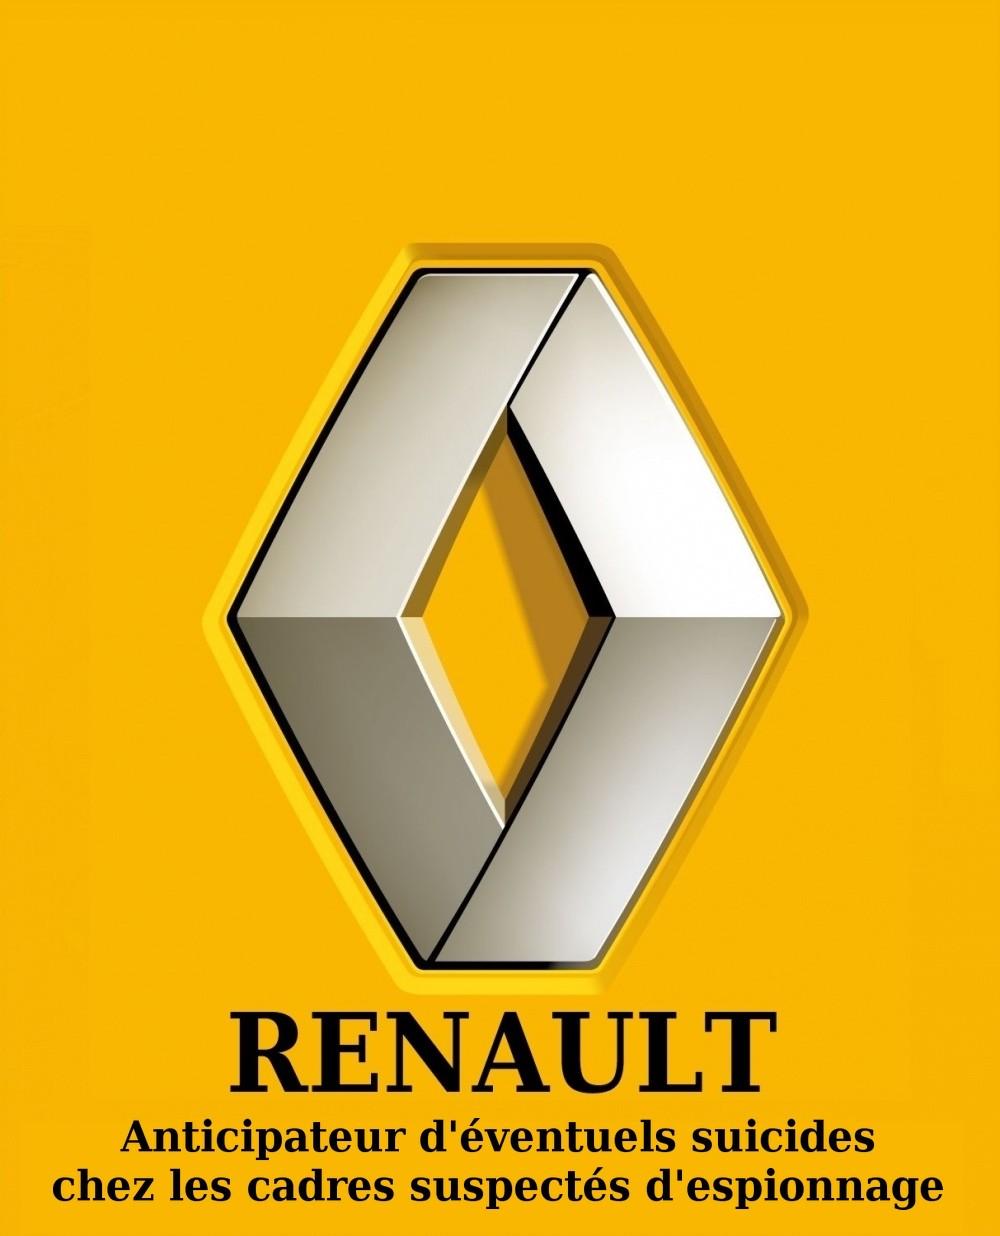 Logo-Renault-détourné -espionnage et suicide -